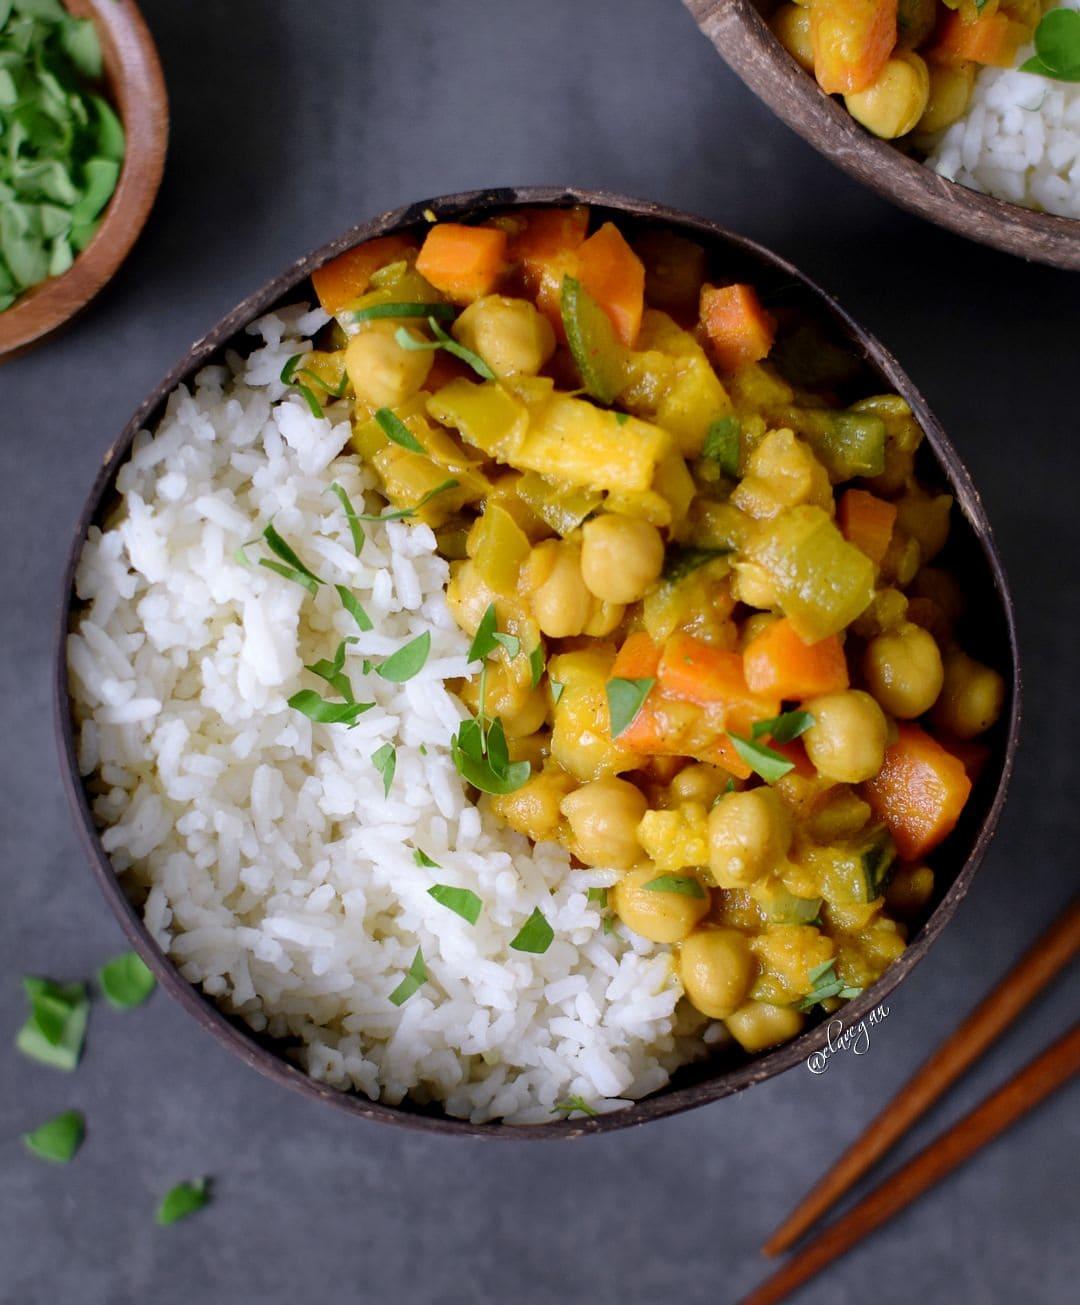 Gemüse Curry Rezept mit Ananas und Kichererbsen. Das Curry ist vegan, glutenfrei, gesund, ölfrei und einfach zu machen